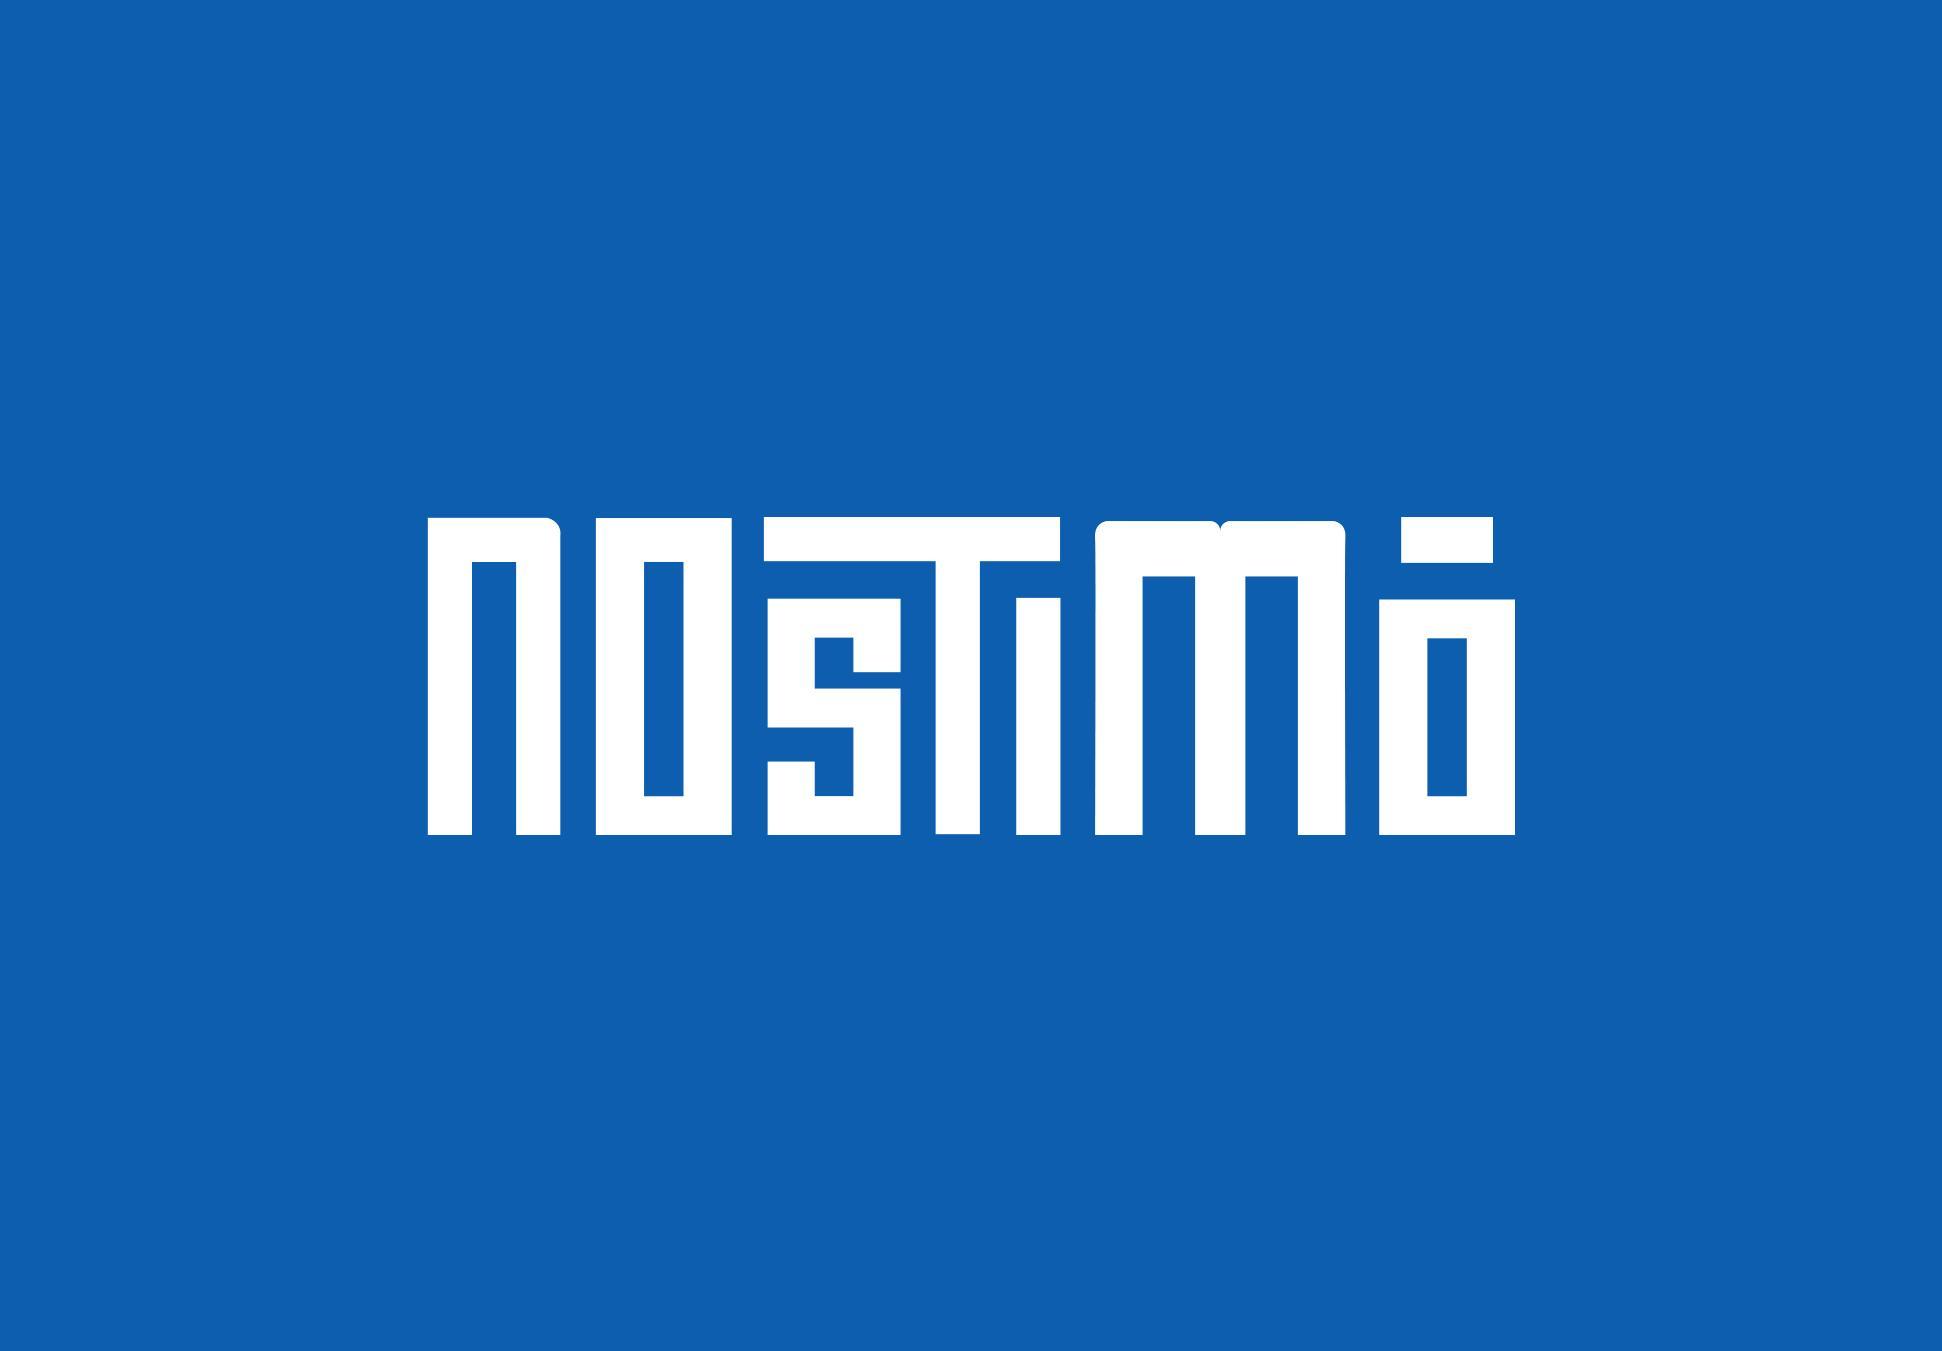 NOSTIMO - News